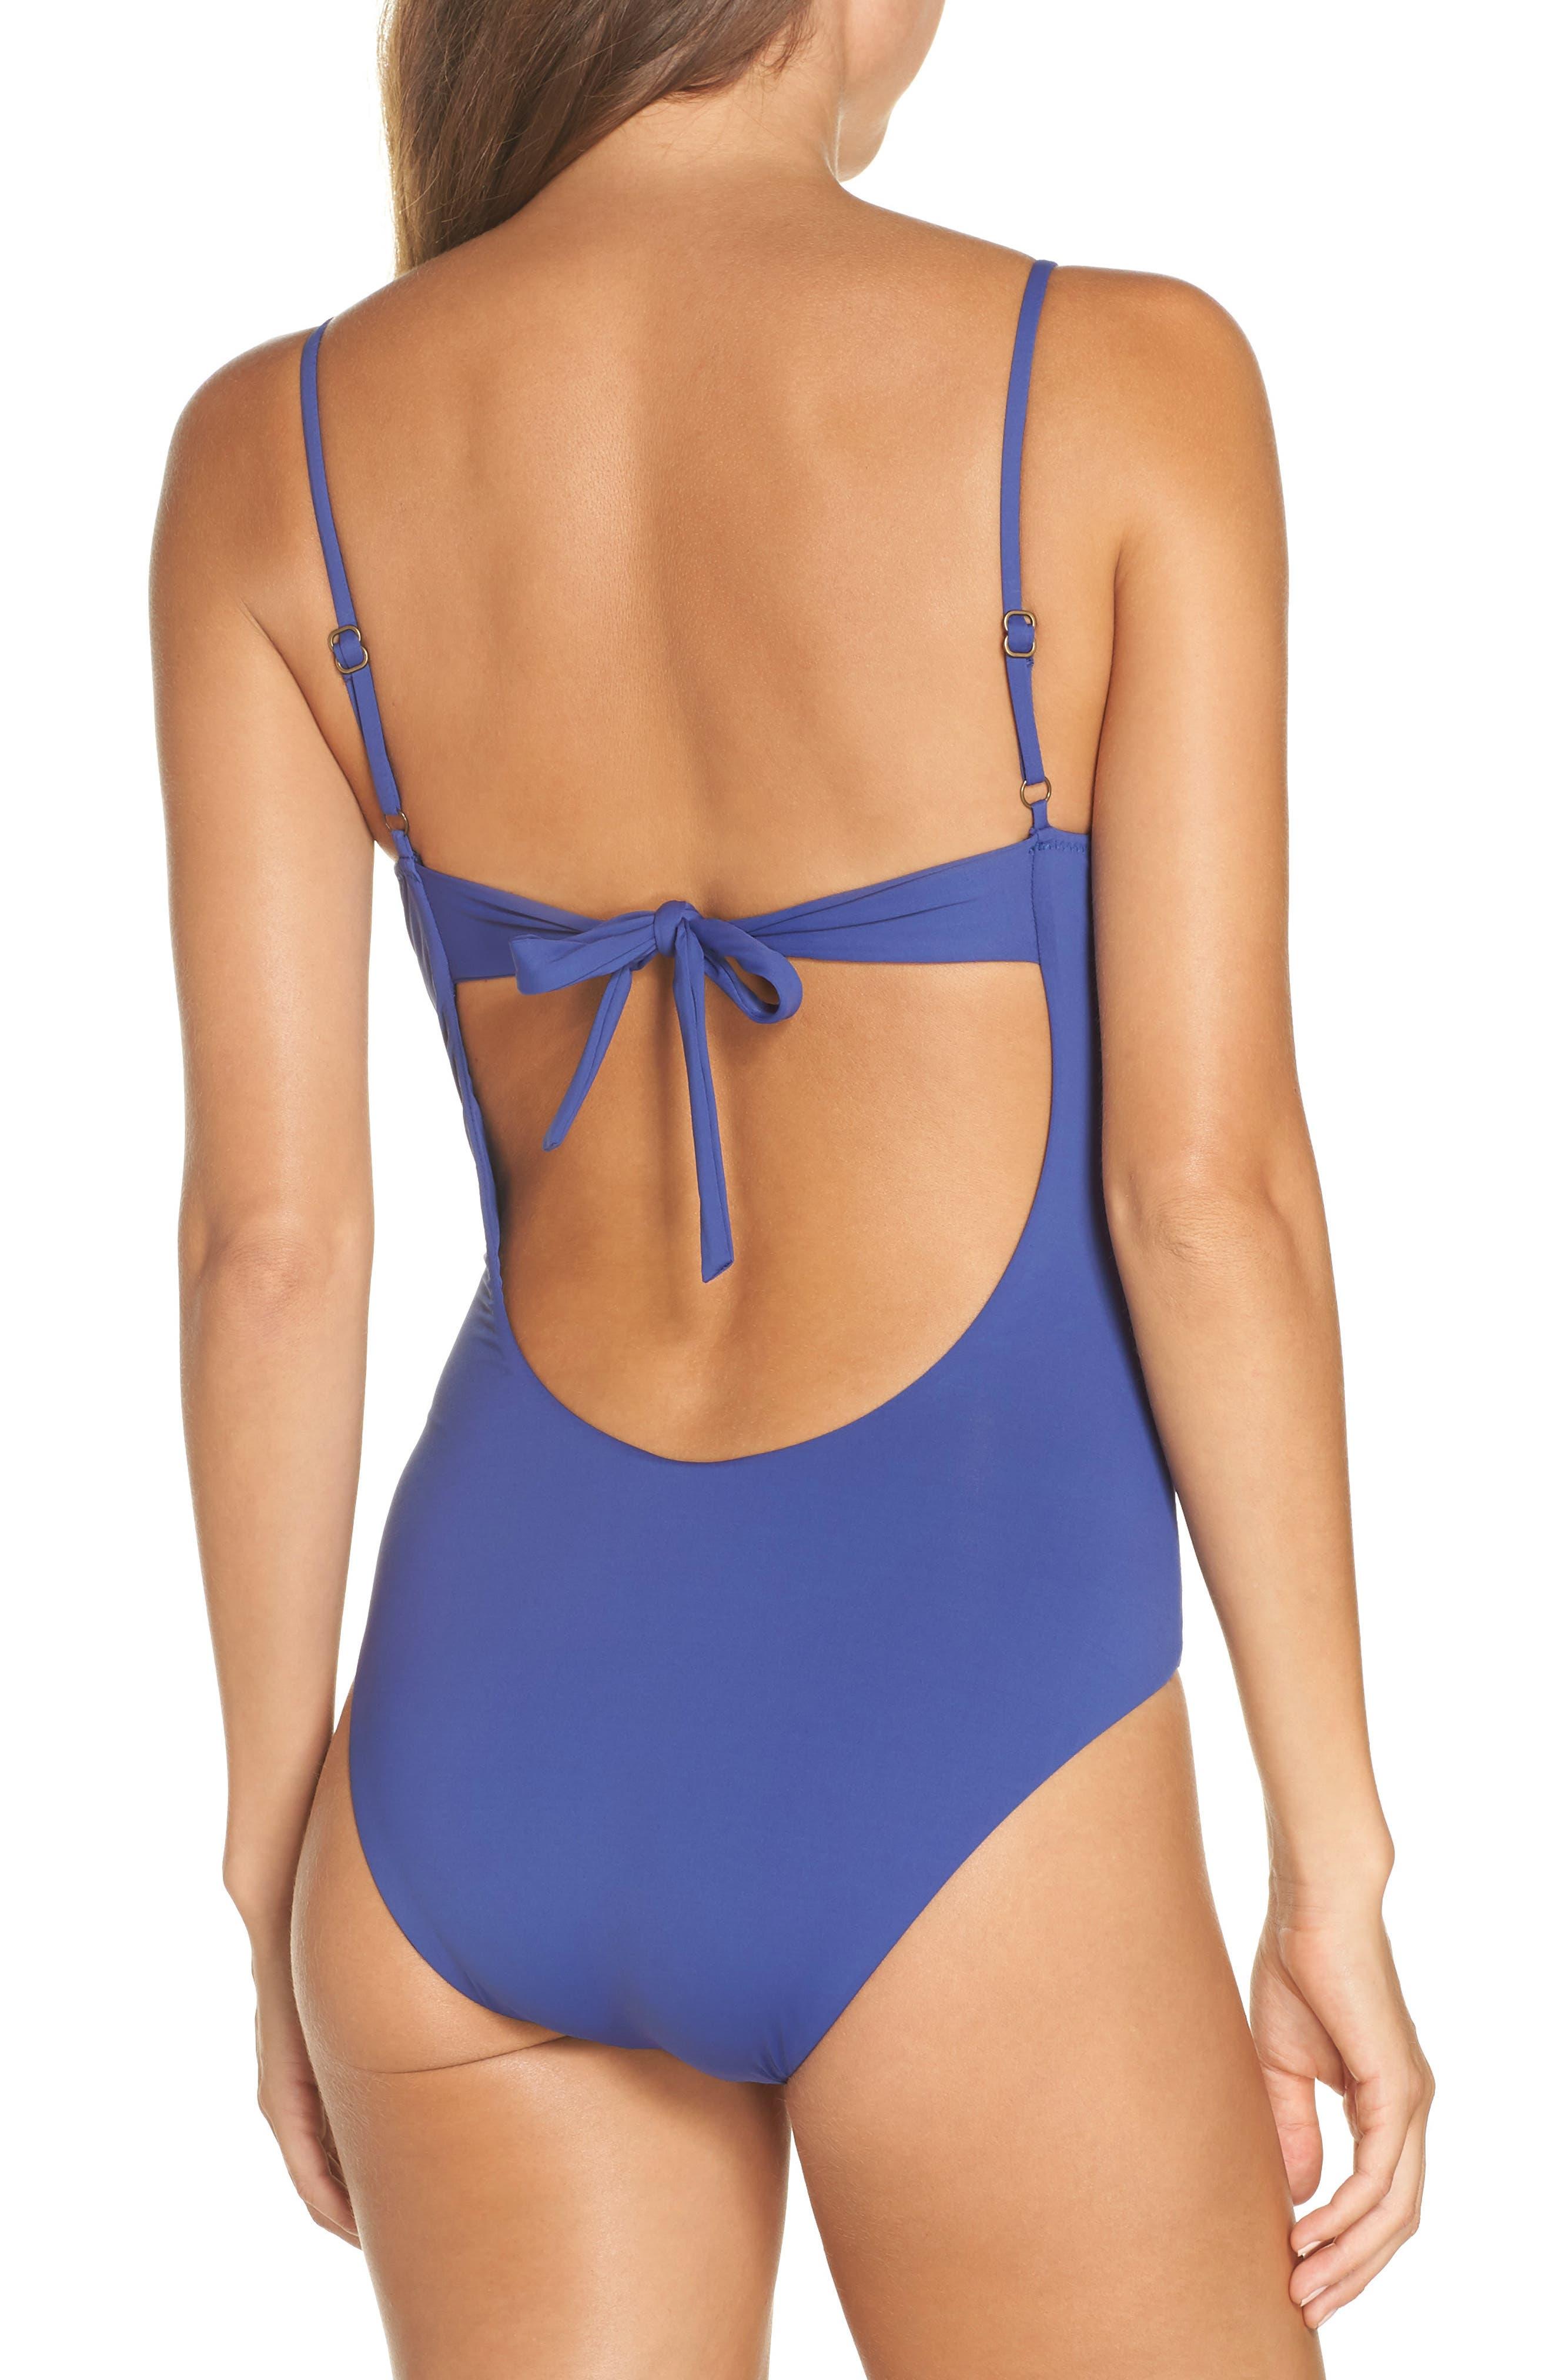 Delilah One-Piece Swimsuit,                             Alternate thumbnail 2, color,                             BLUE TOPAZ